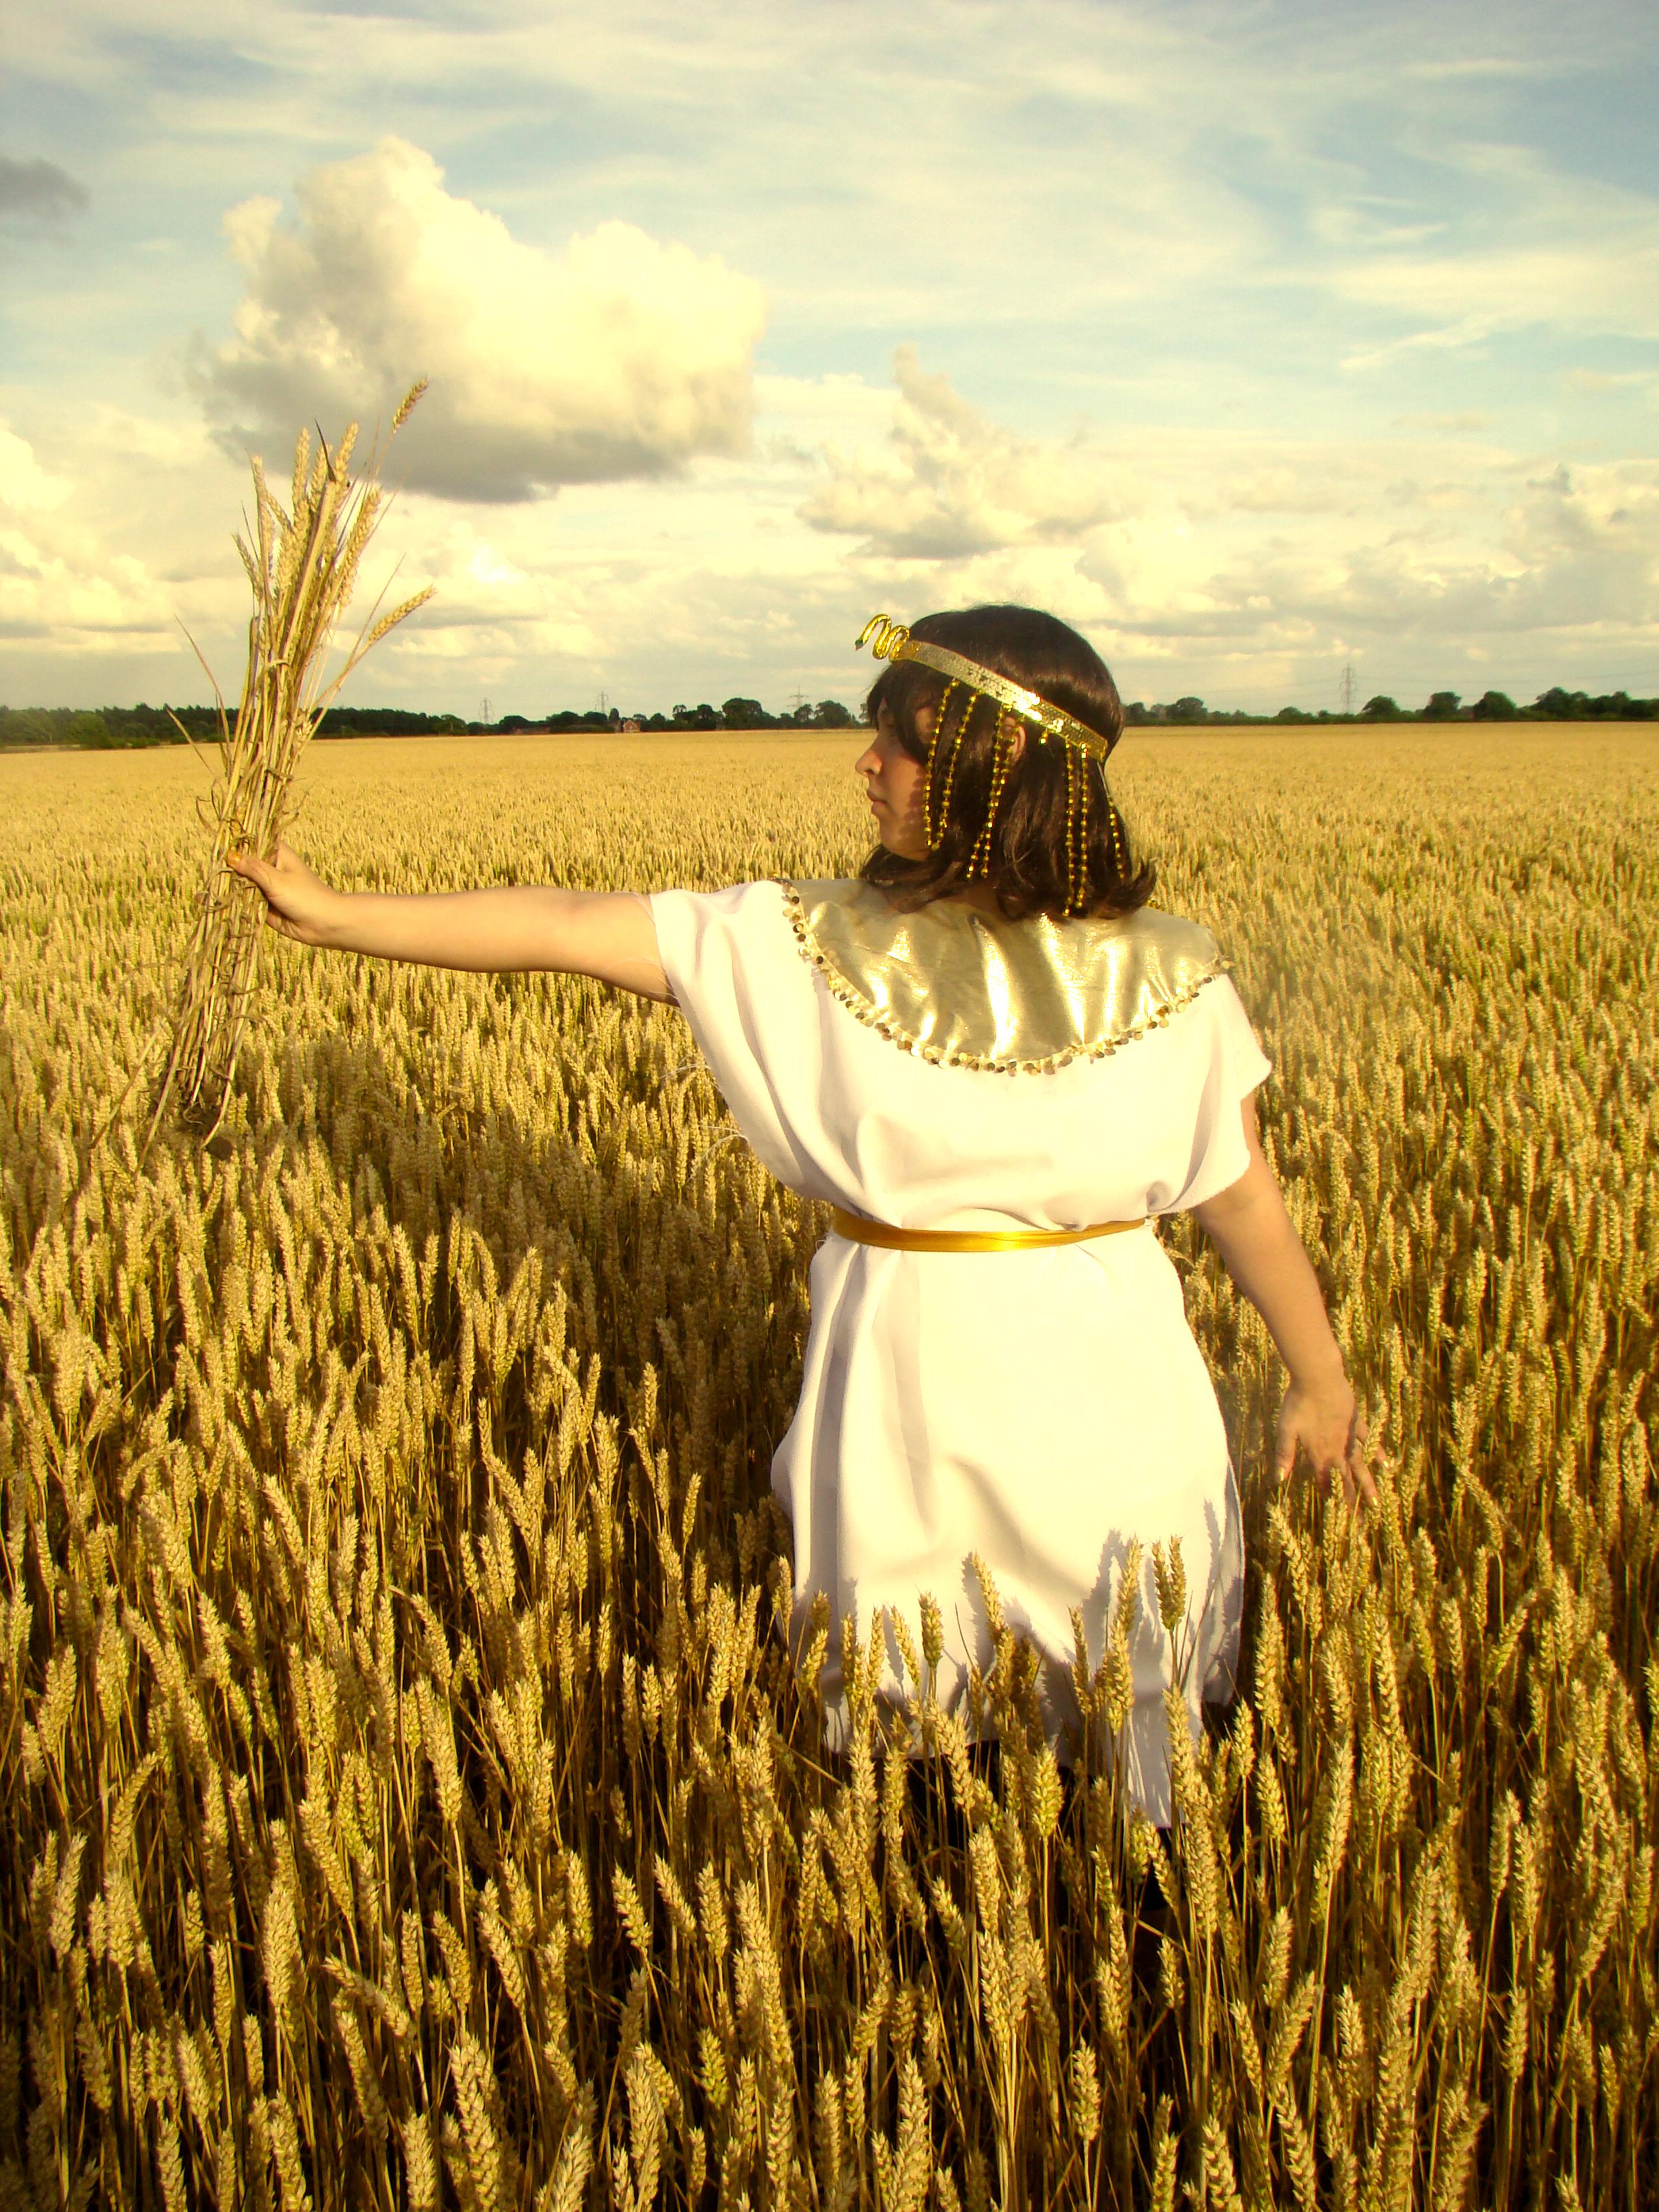 Goddess of the Harvest